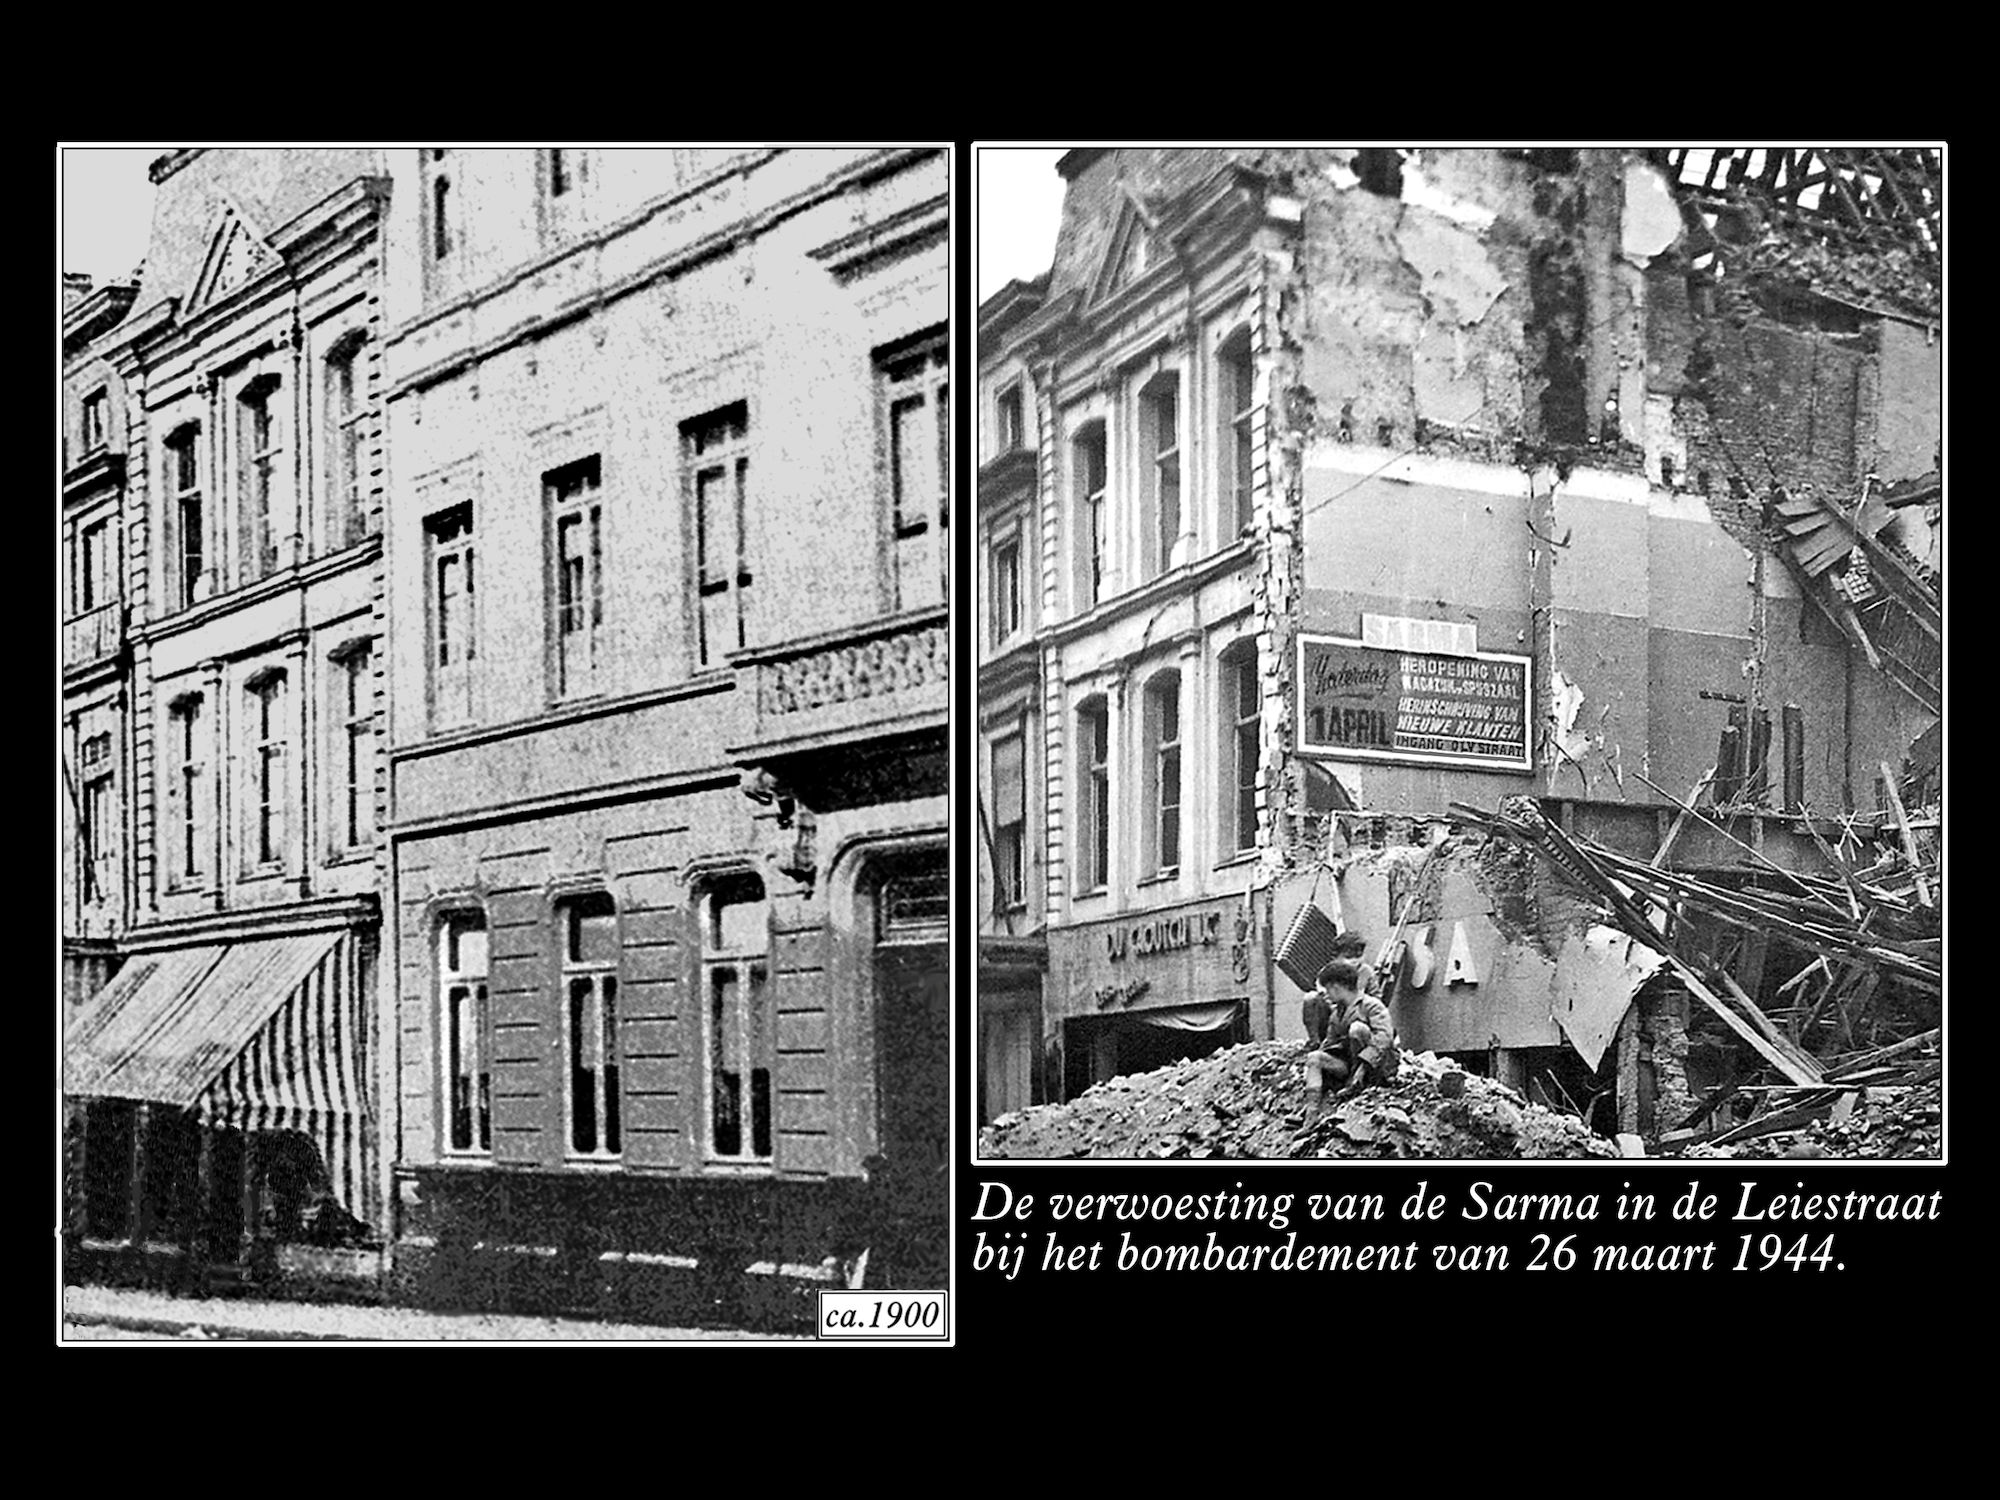 Leiestraat rond 1900 en in 1944